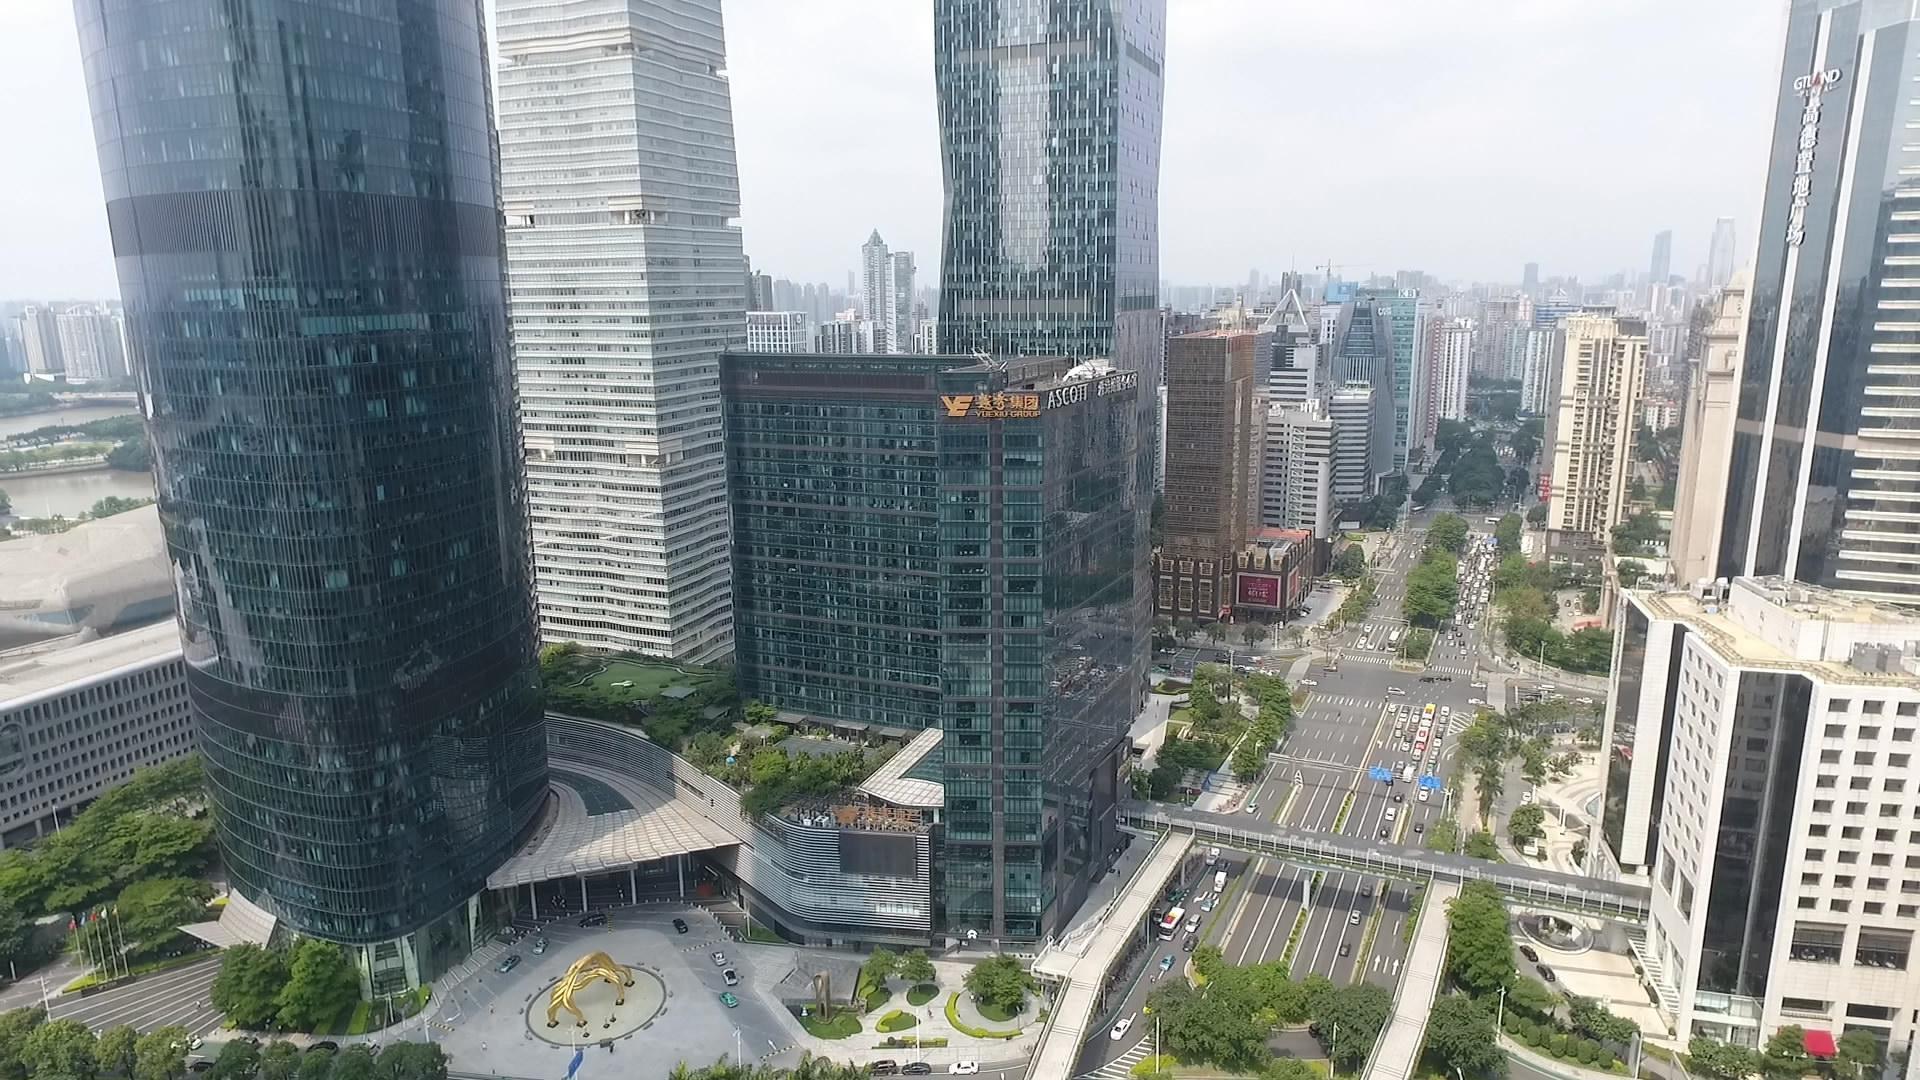 永利线上房交会4月7日开幕 百余家品牌房企携巨额优惠入驻